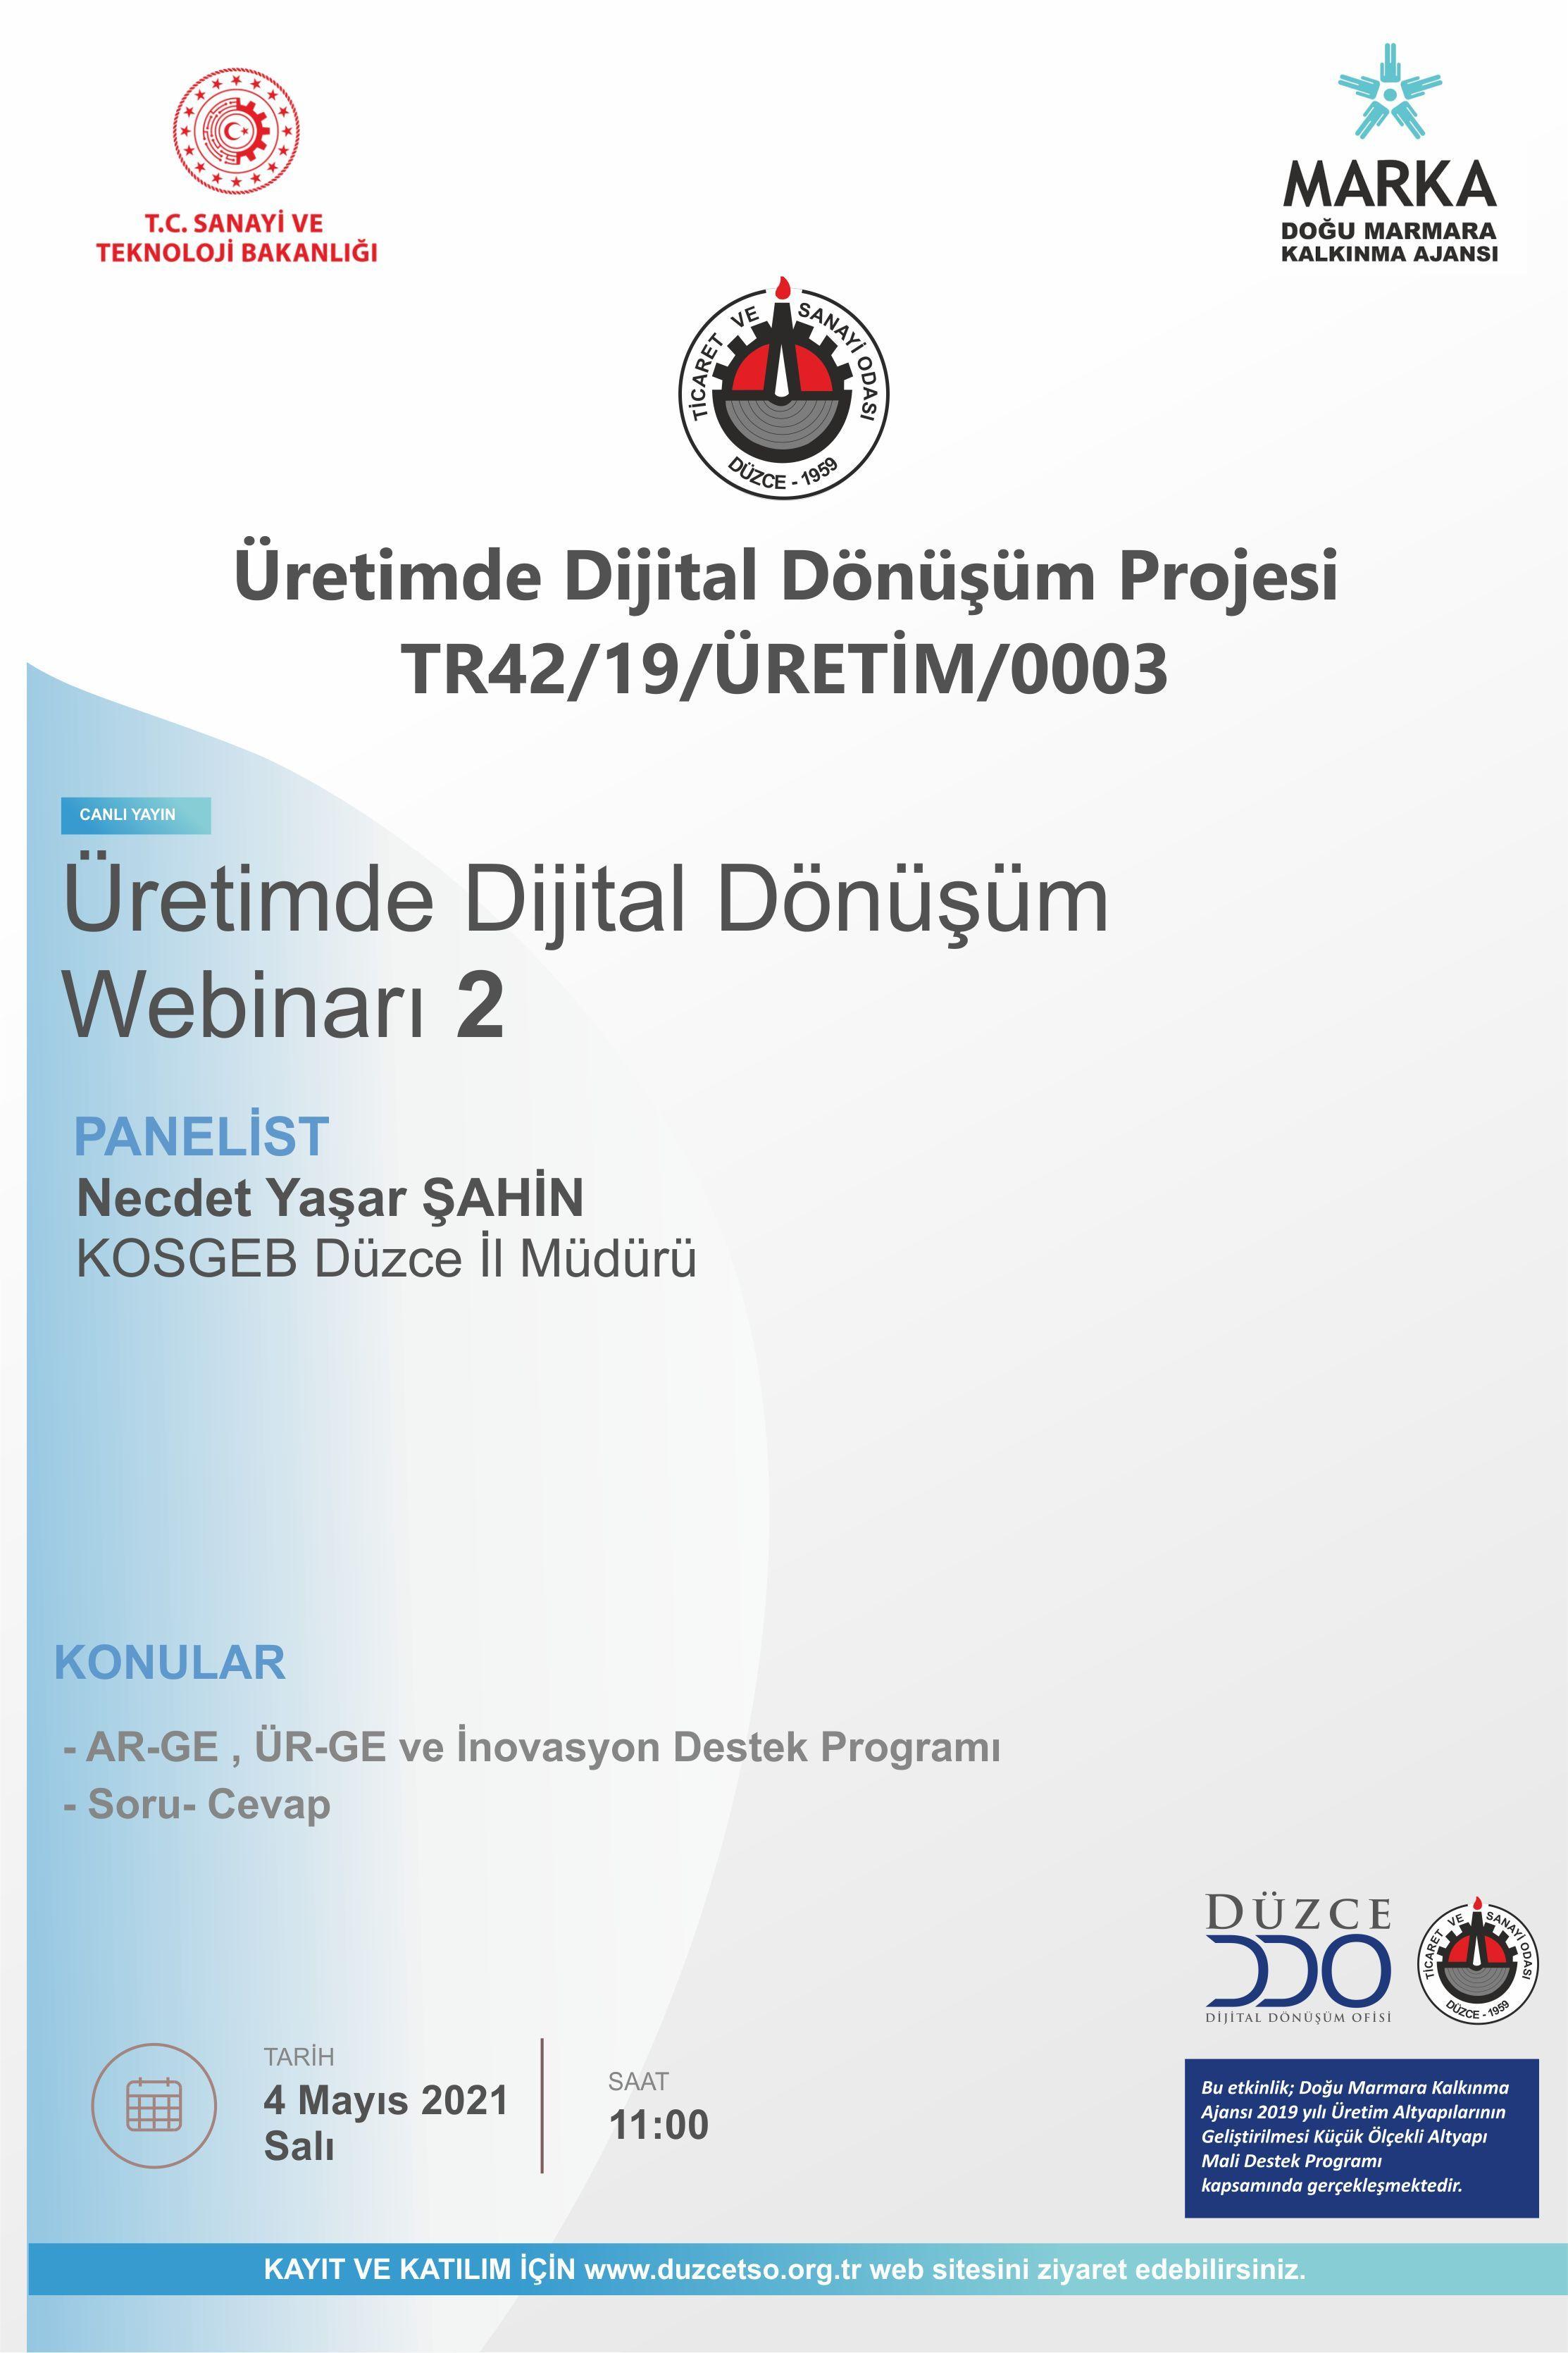 Üretimde Dijital Dönüşüm Online Semineri -2